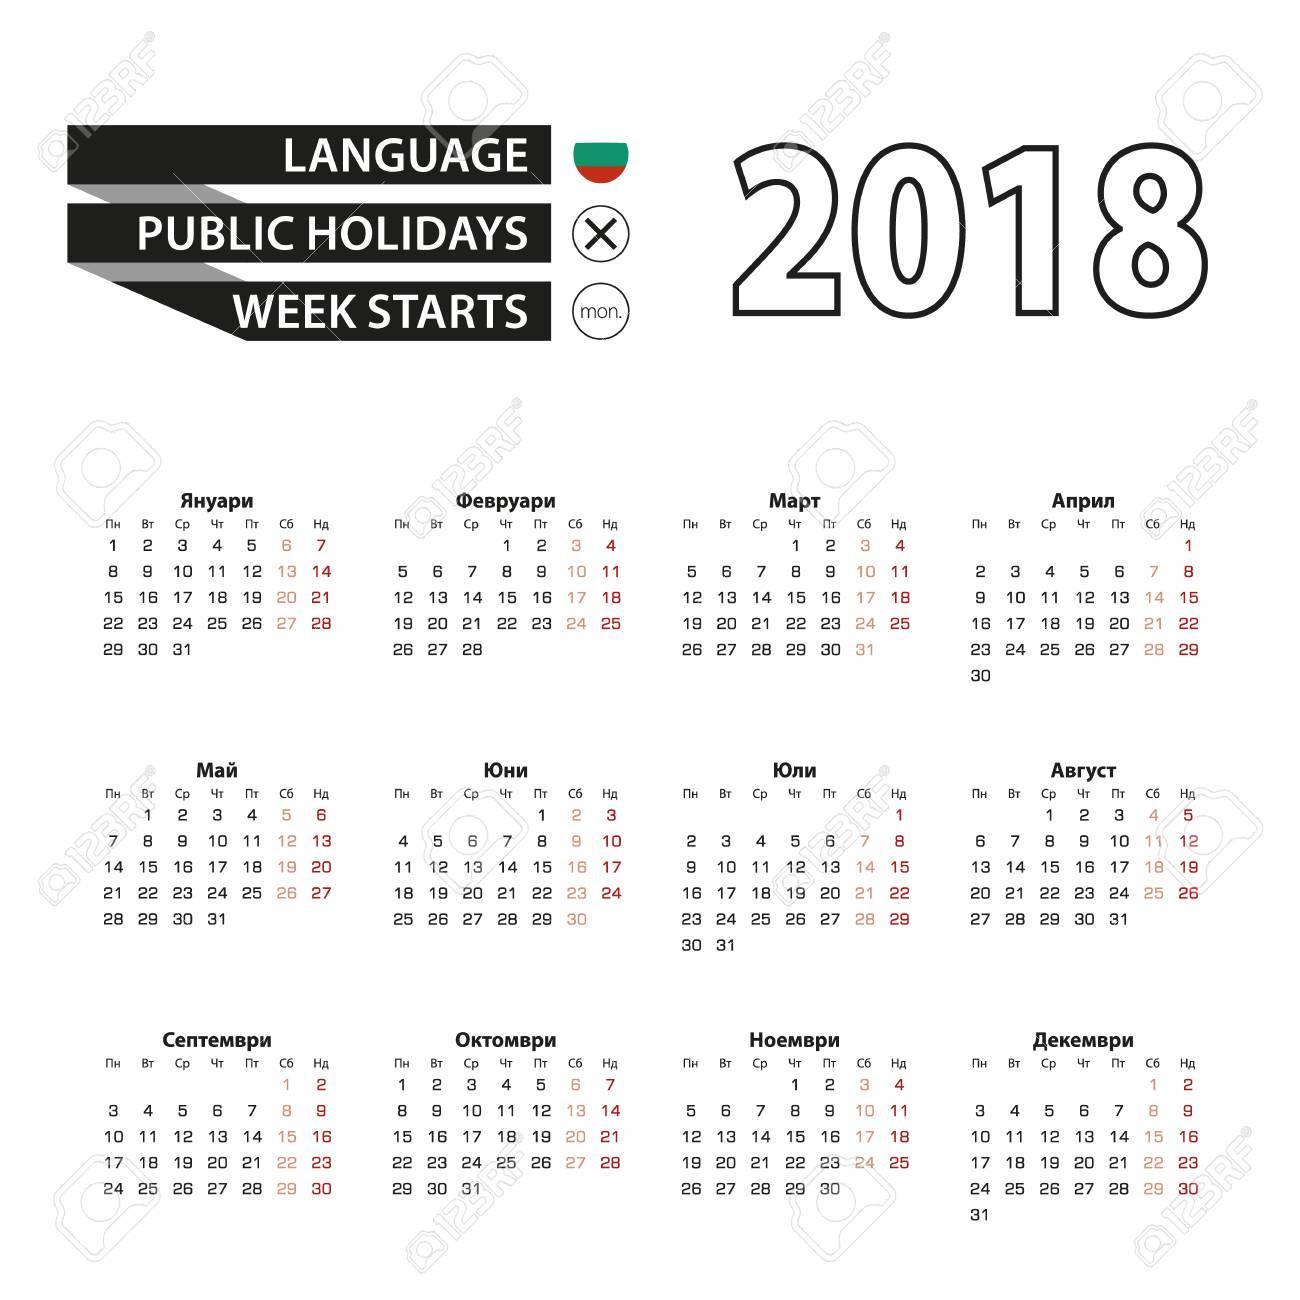 ブルガリア語の言語の暦 2018 年...